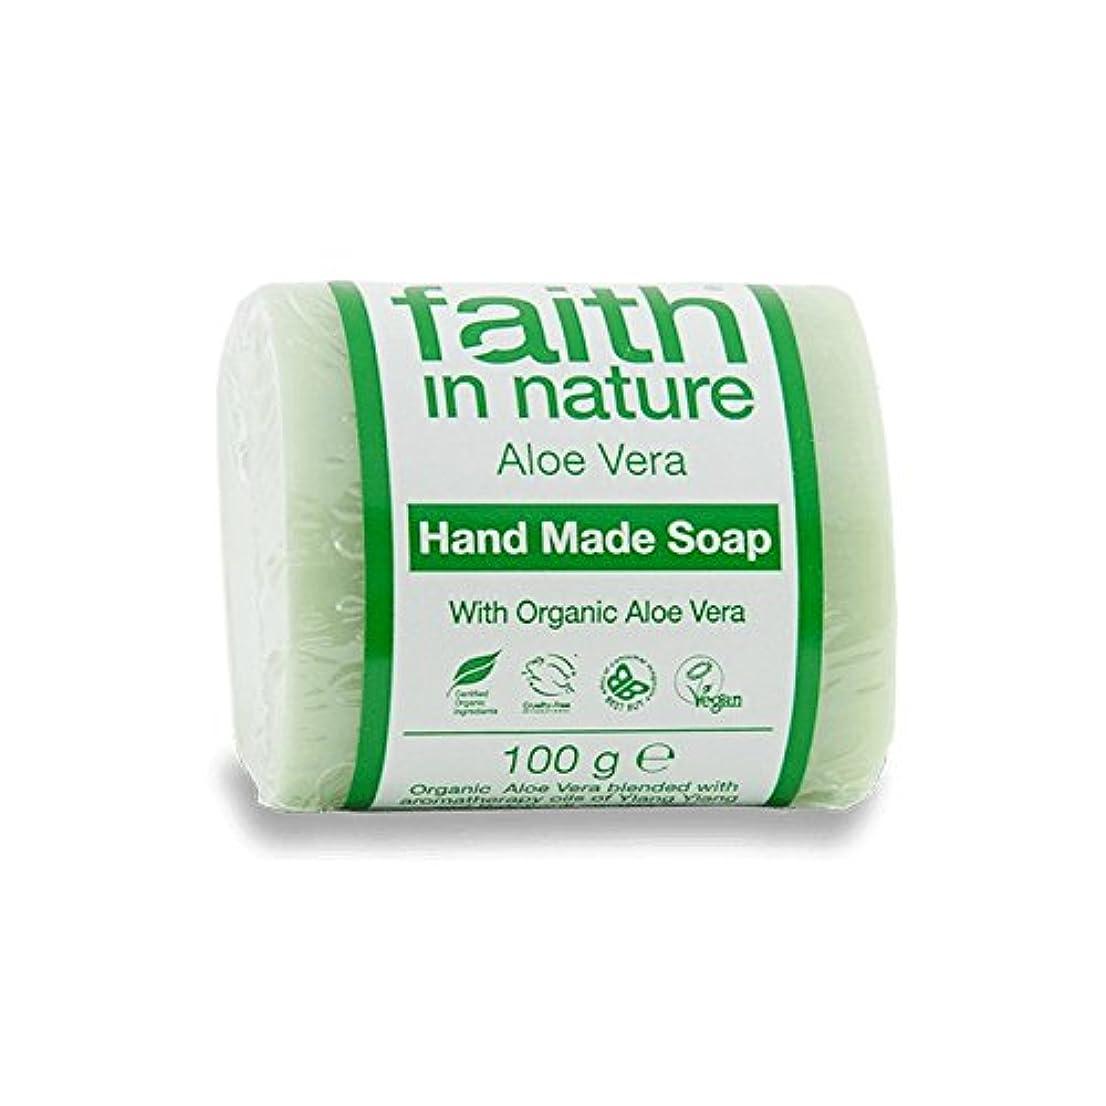 ルーフ背が高い大洪水Faith in Nature Aloe Vera with Ylang Ylang Soap 100g (Pack of 2) - イランイランソープ100グラムと自然のアロエベラの信仰 (x2) [並行輸入品]